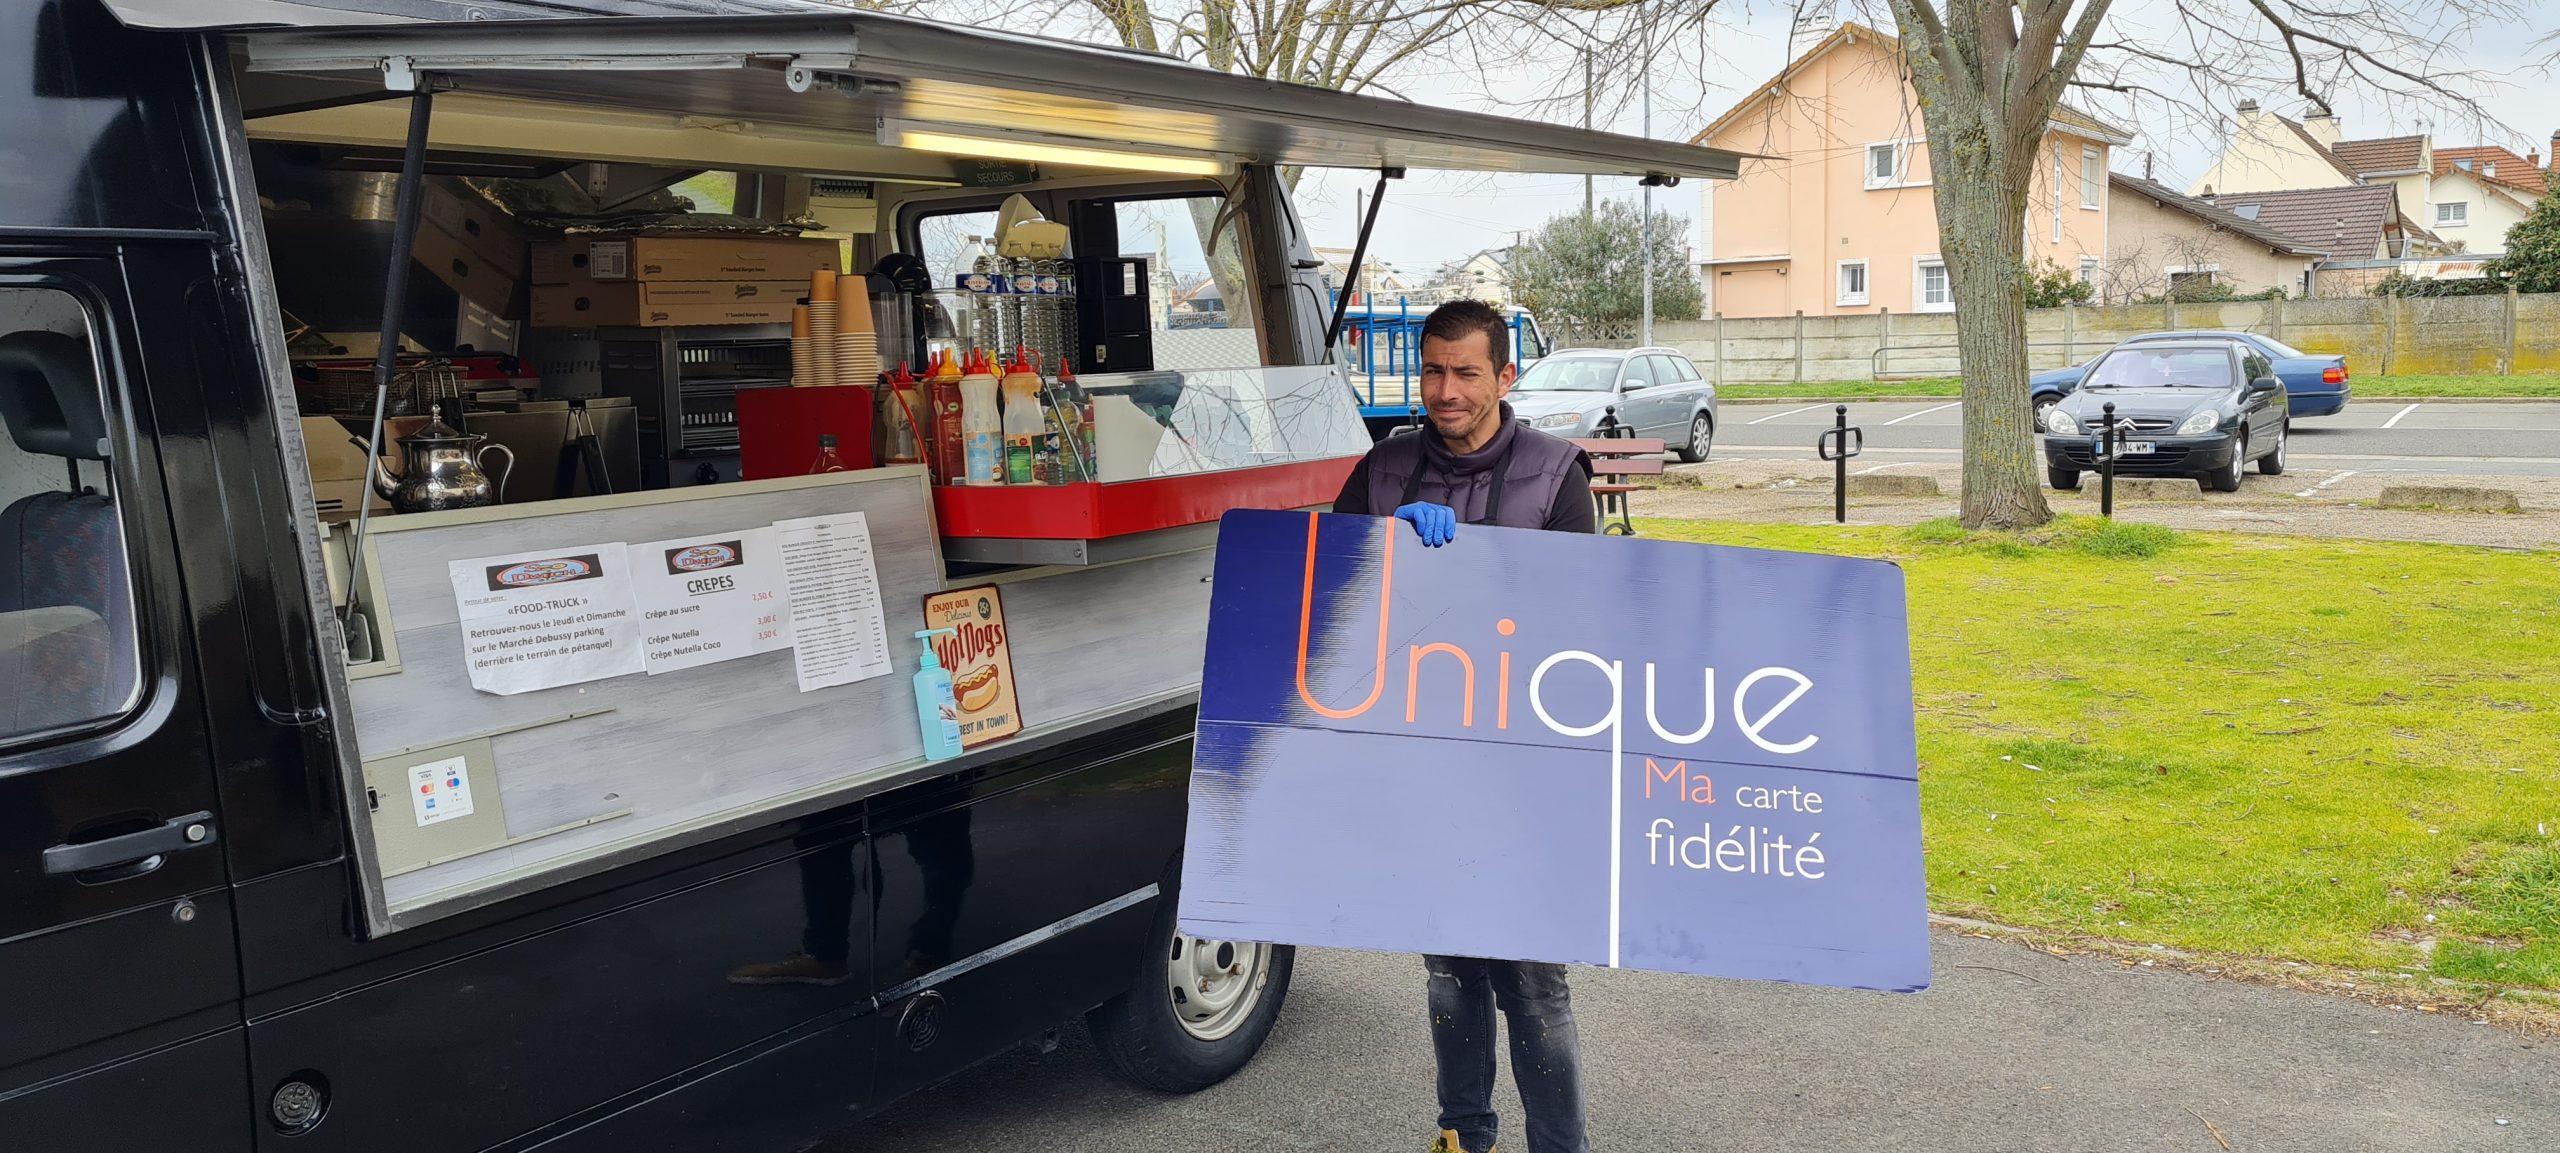 photo de zizou propriétaire du food truck du marché Debussy à Sartrouville devant son camion qui tient sa carte unique programme de fidélité de la ville de Sartrouville